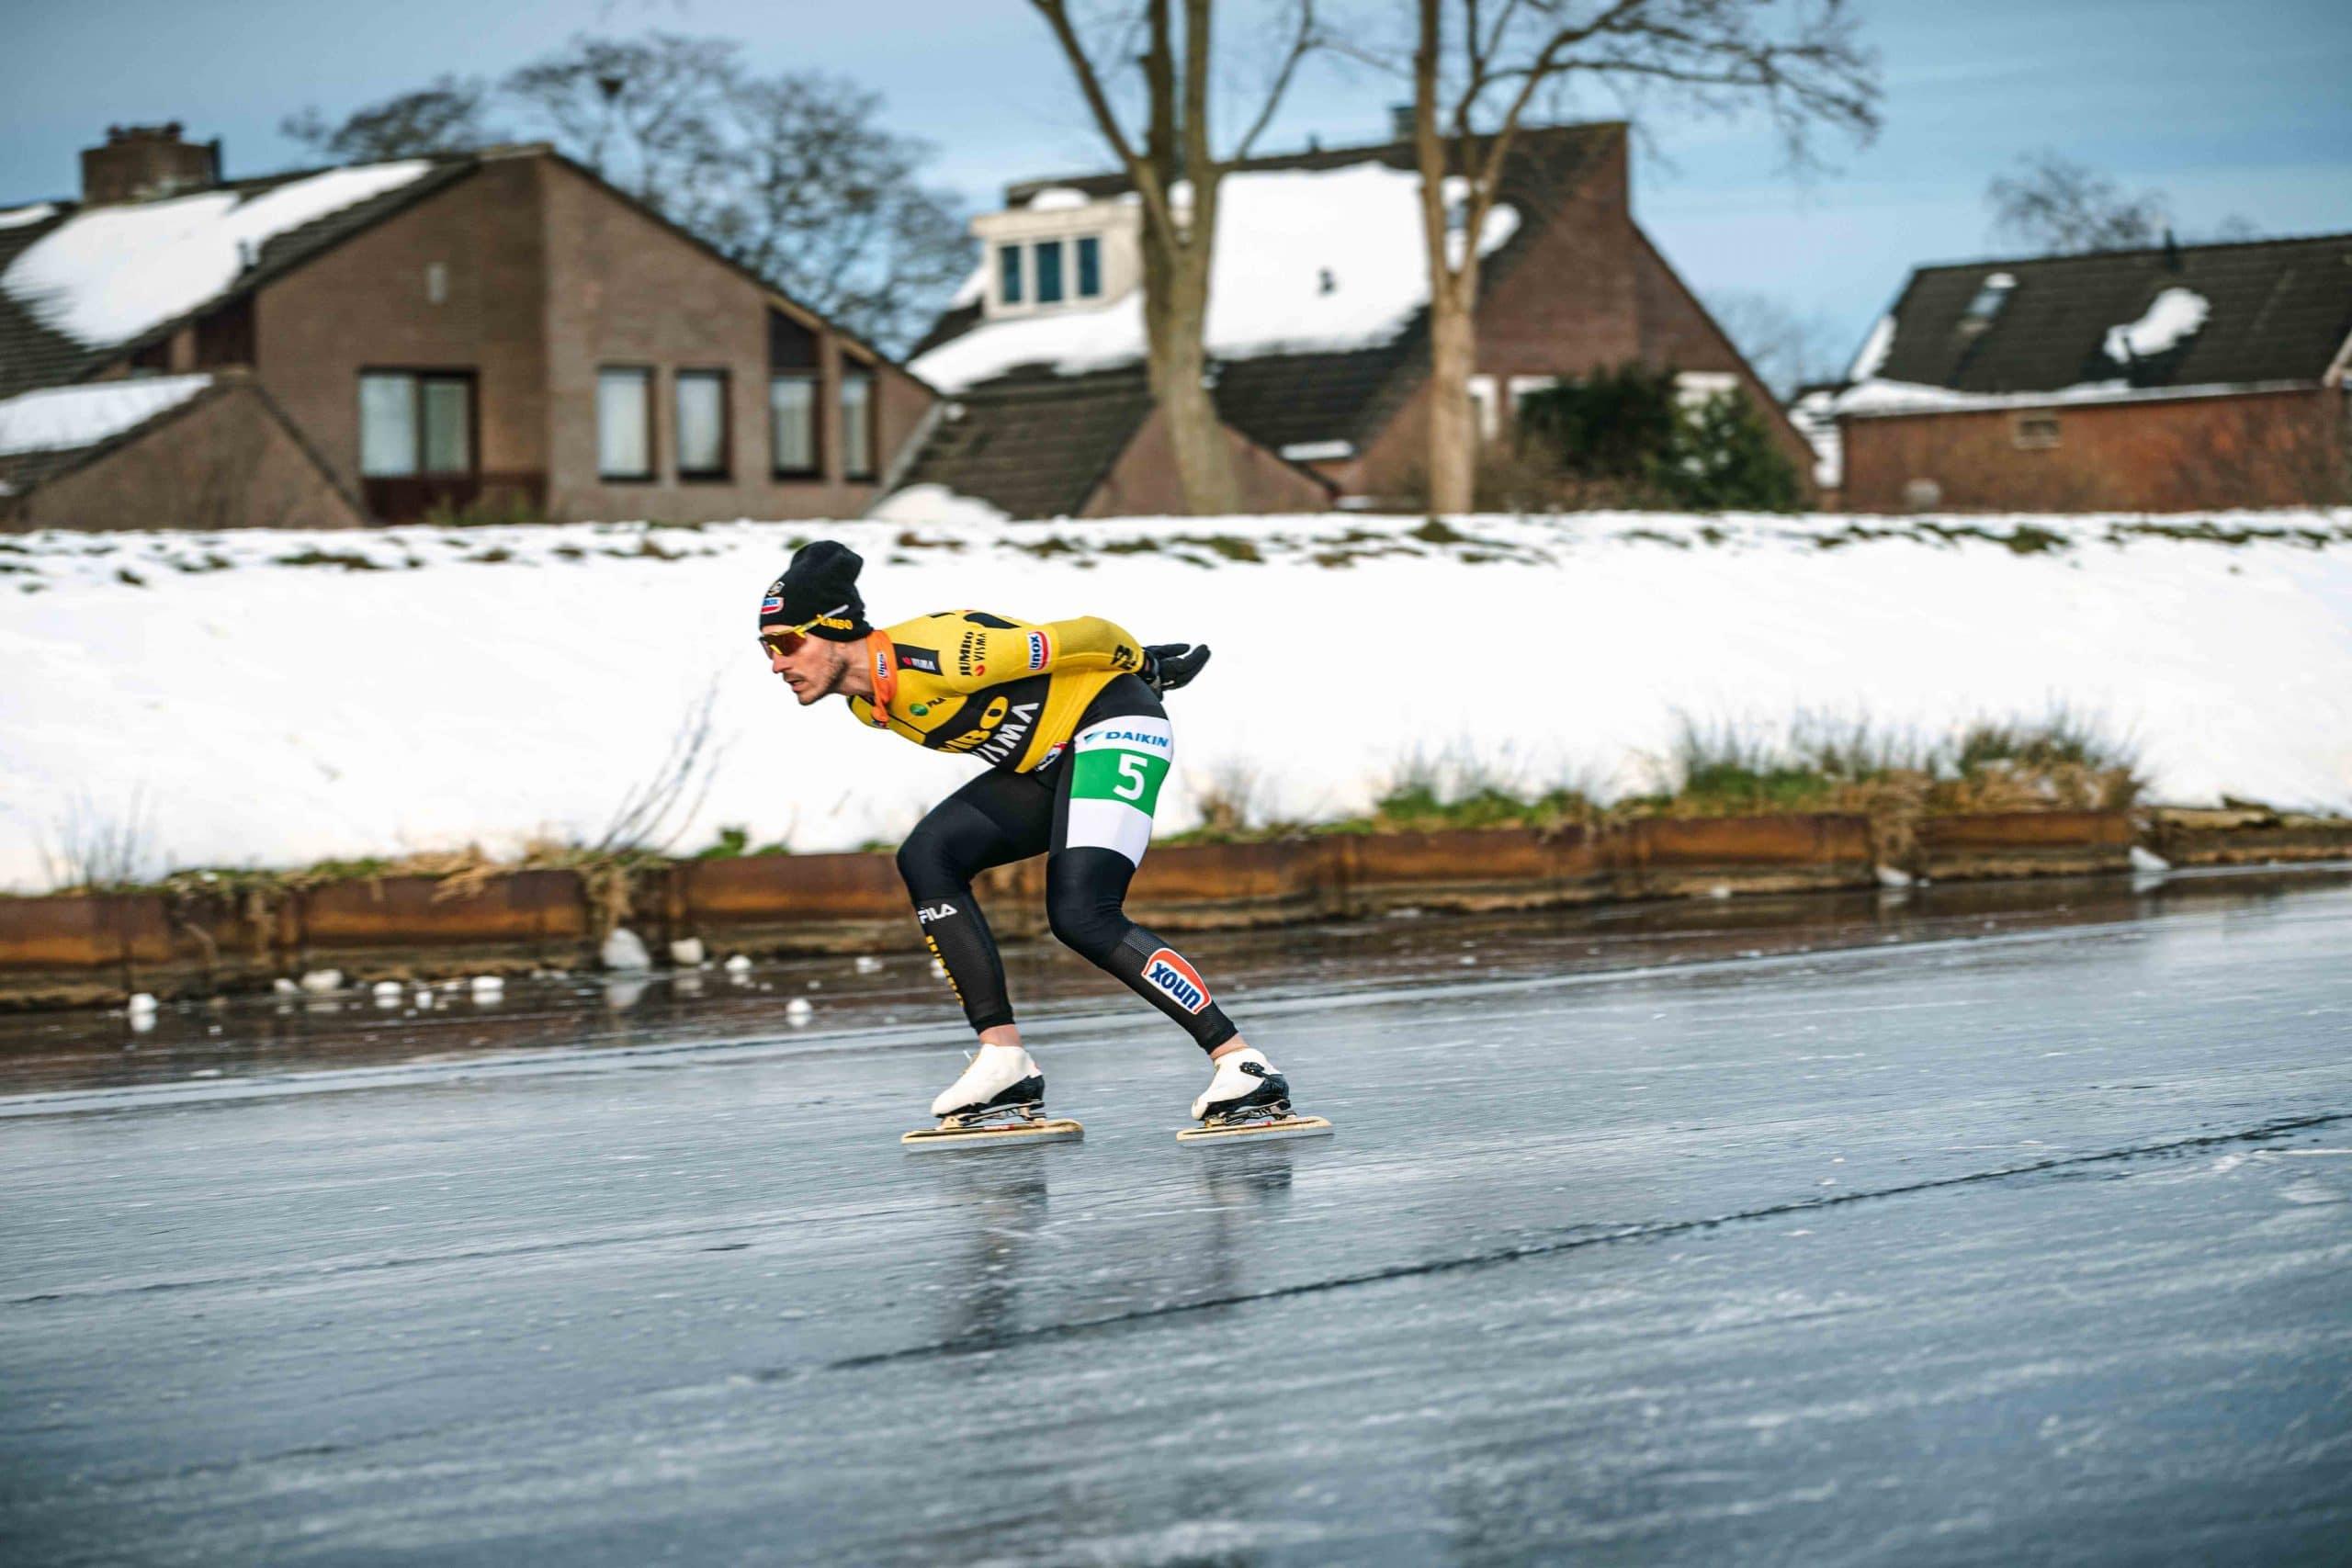 schaatsen kopen